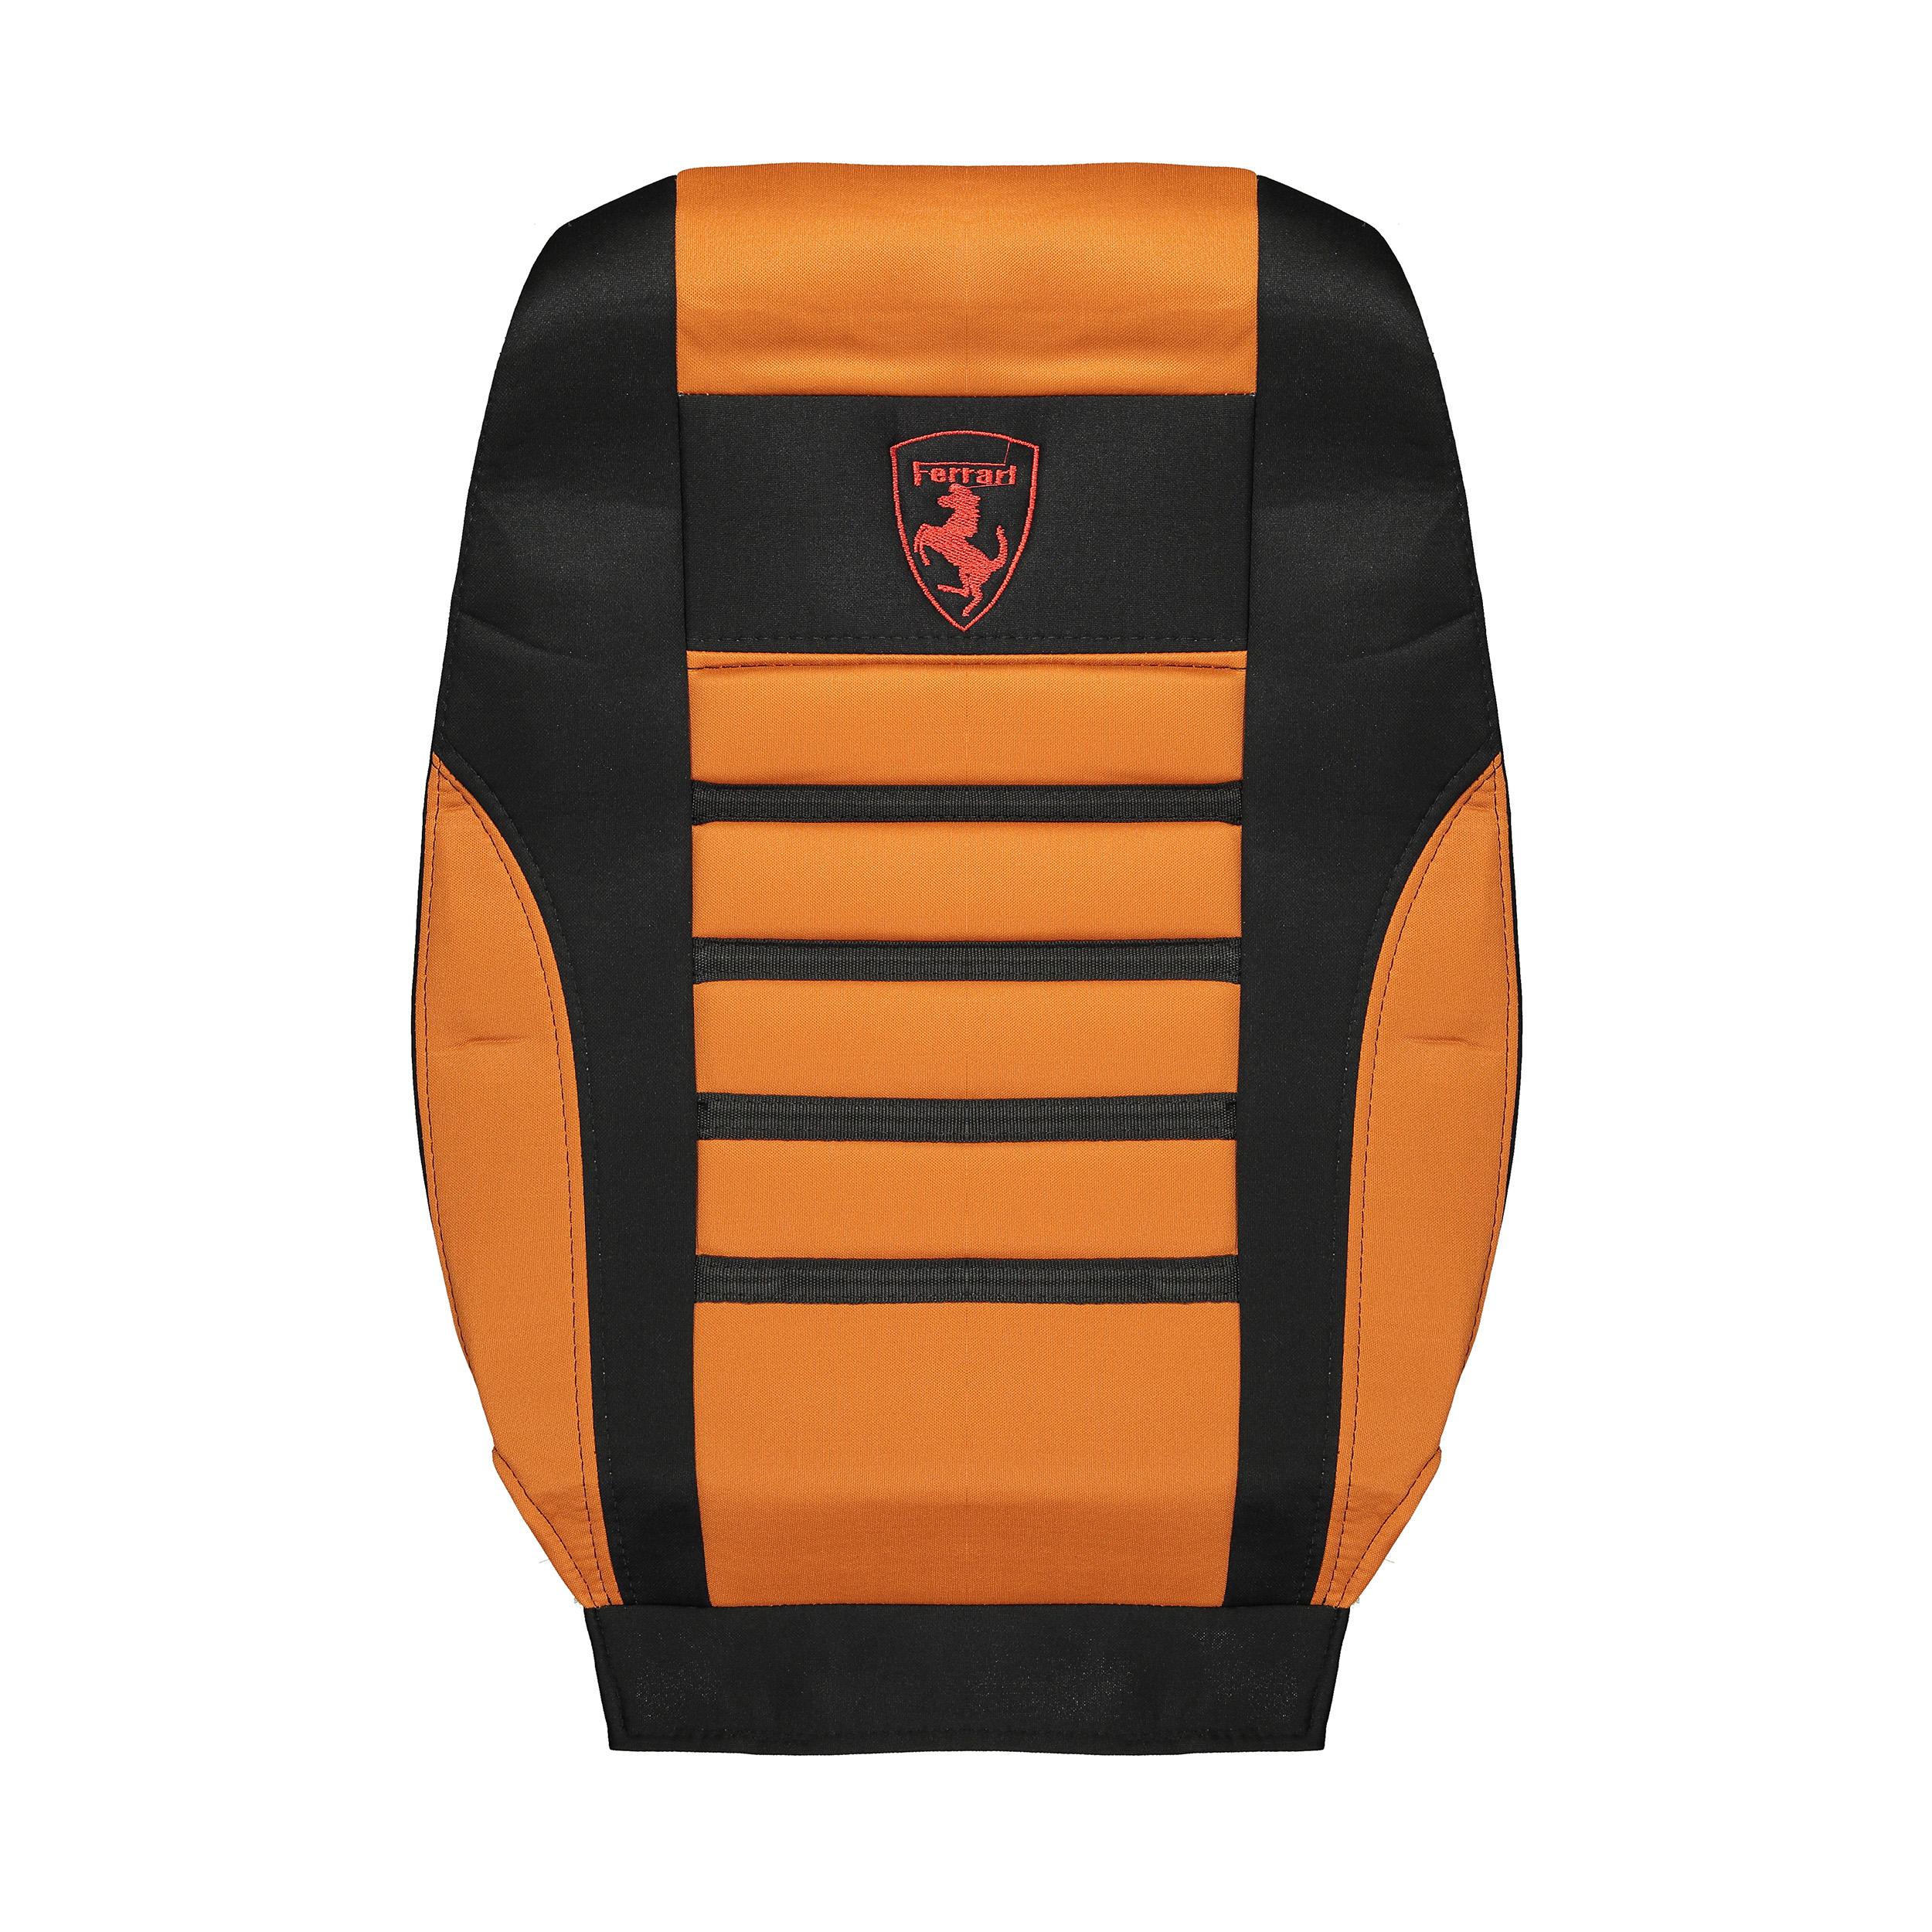 روکش صندلی خودرو کد FR1 مناسب برای پژو 206